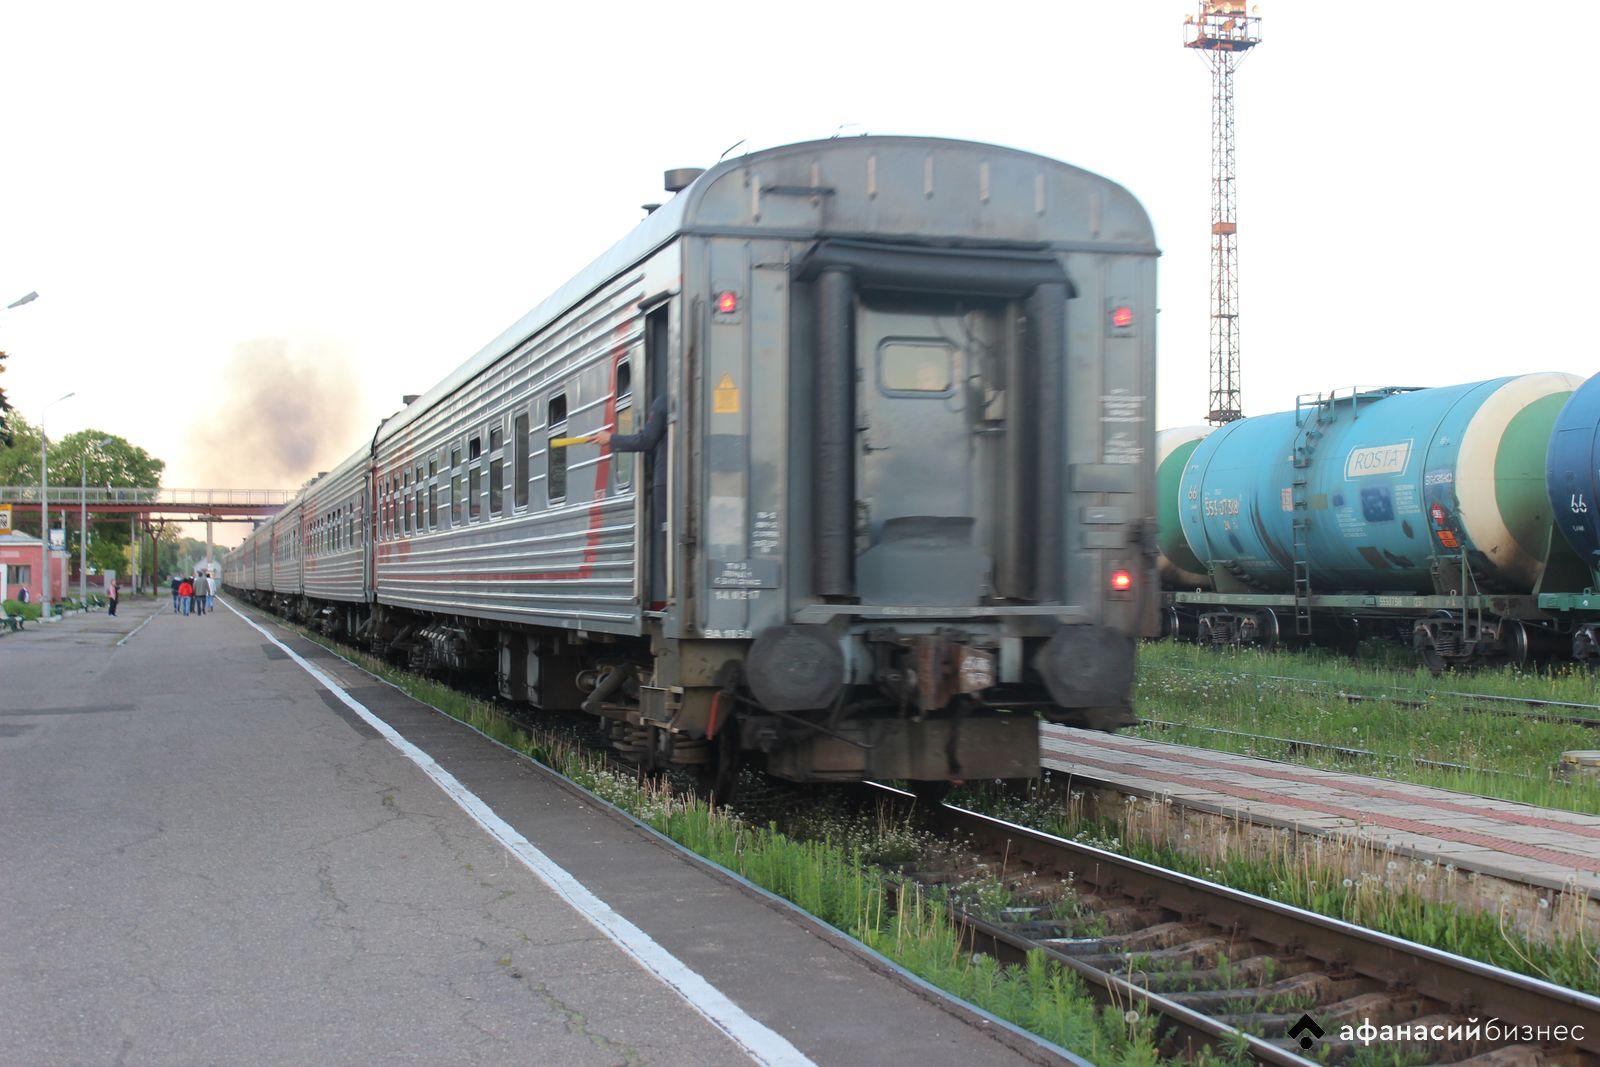 Из Москвы в Осташков будет ходить прямой пассажирский поезд - новости Афанасий